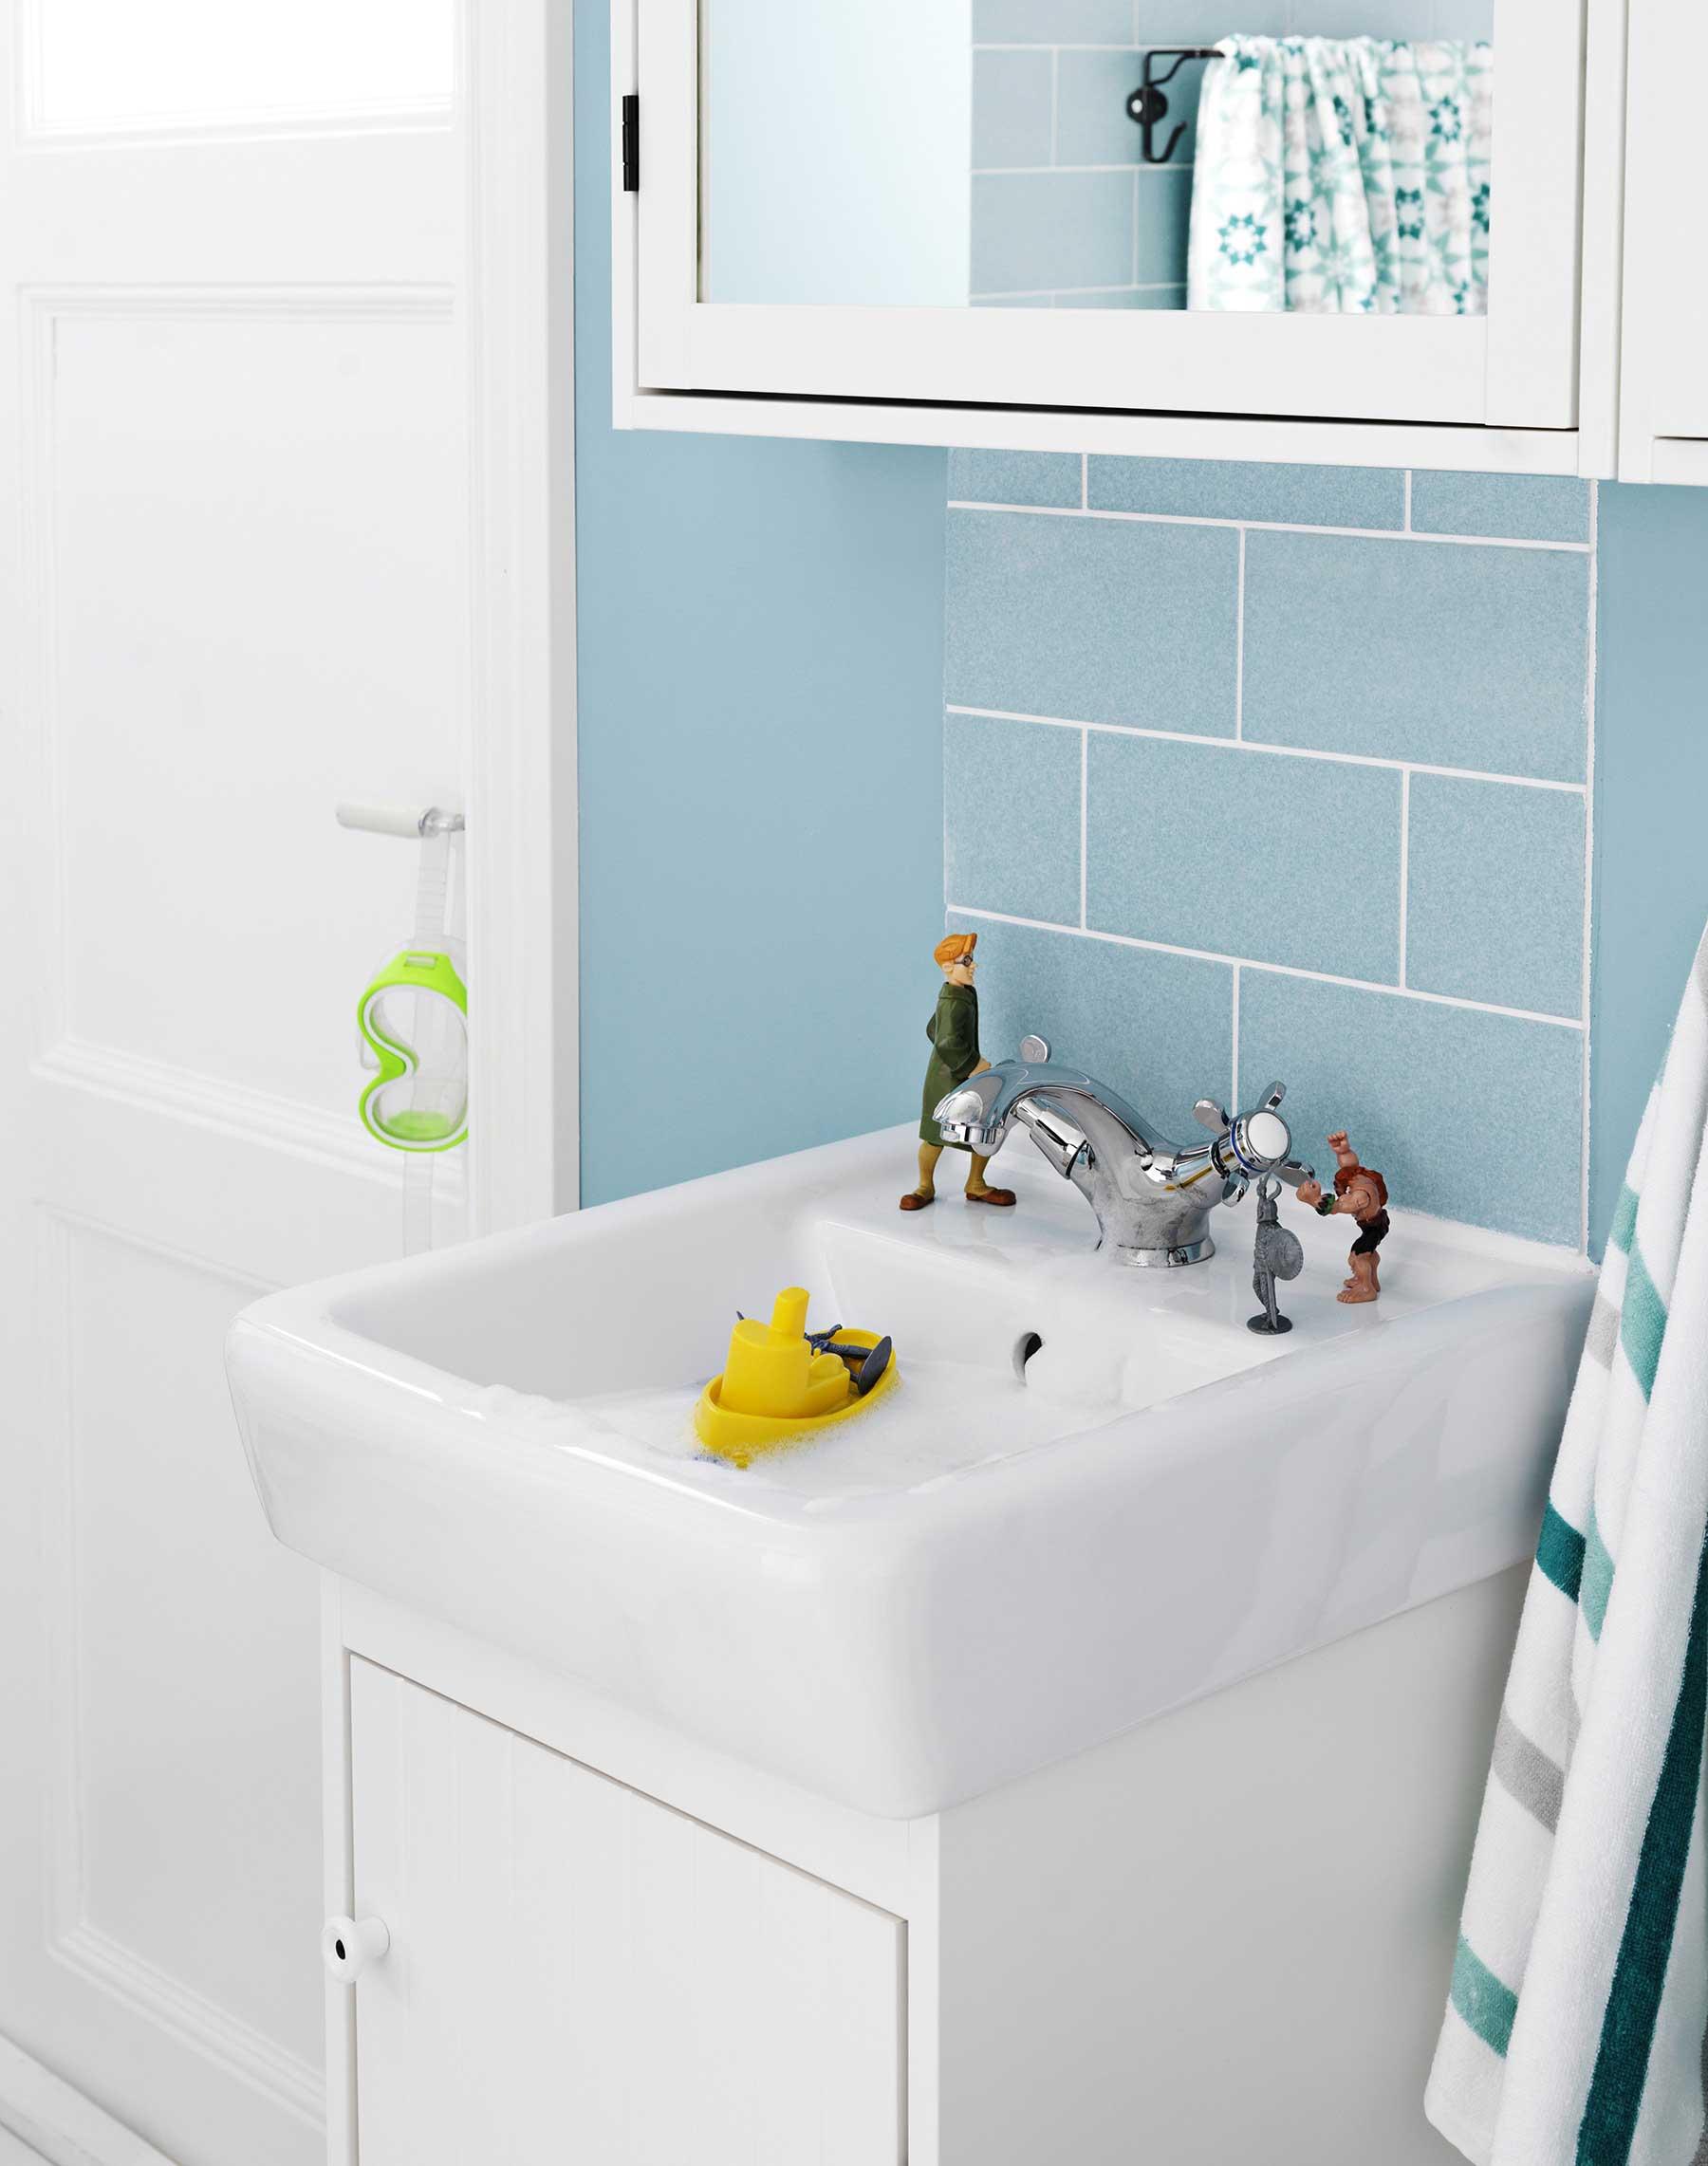 Salle de bains ikea - Lavandini bagno ikea ...